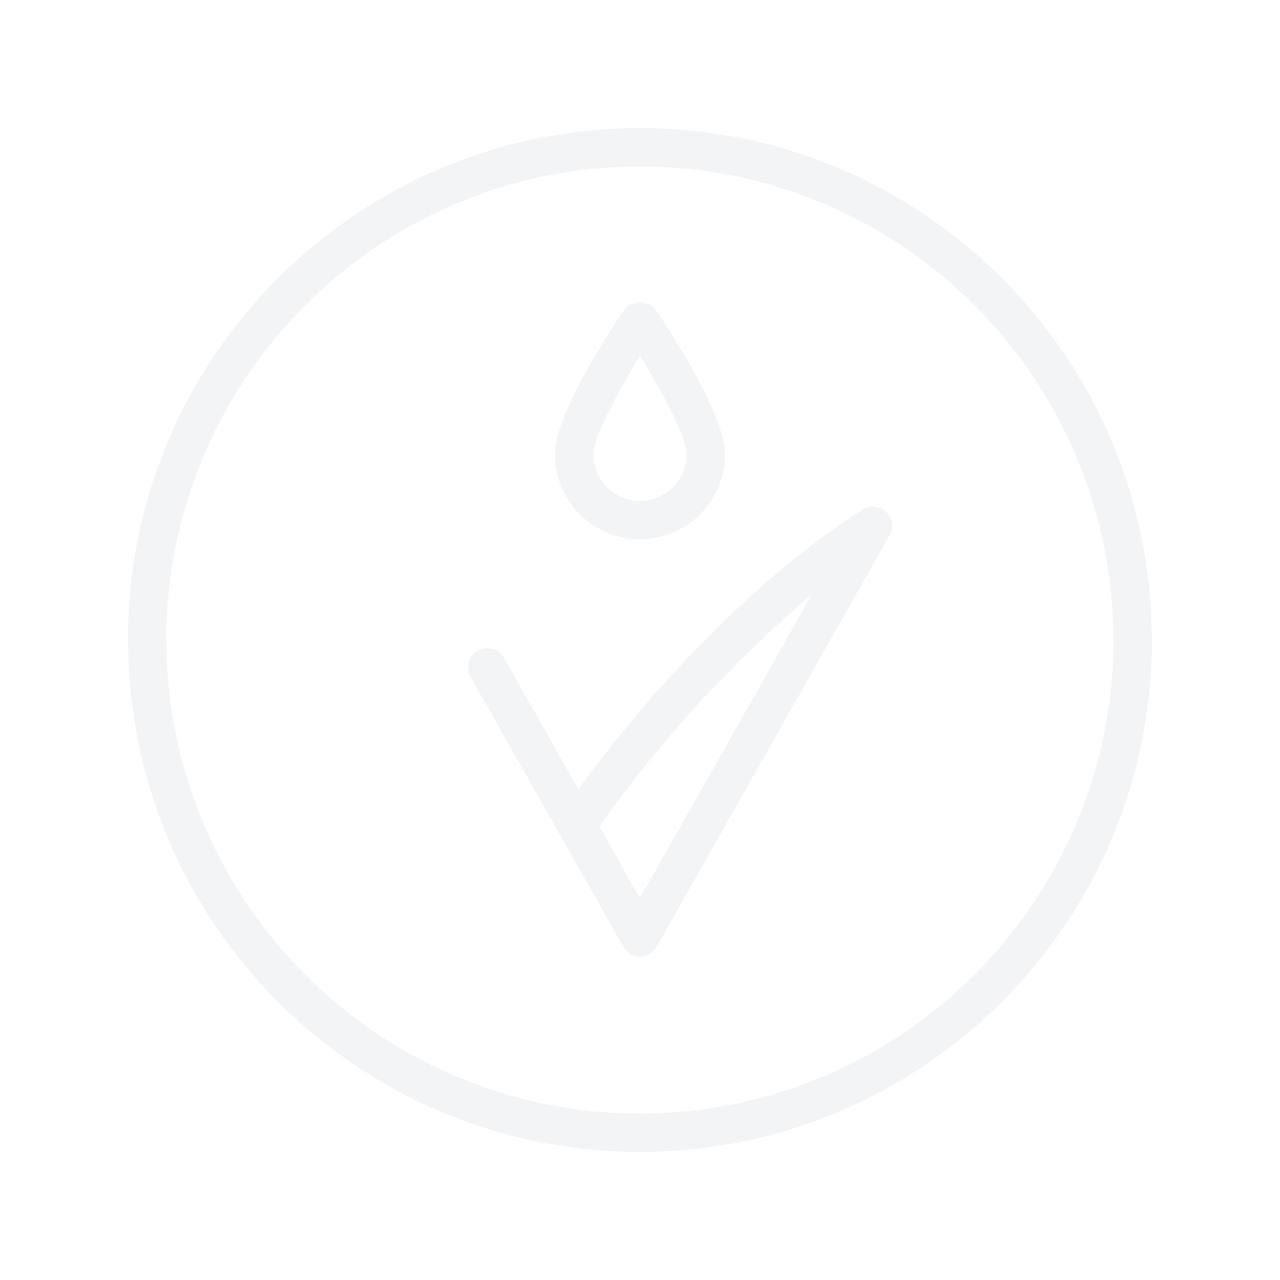 HOLIKA HOLIKA Less On Skin Micellar Cleansing Water 500ml мицеллярная вода